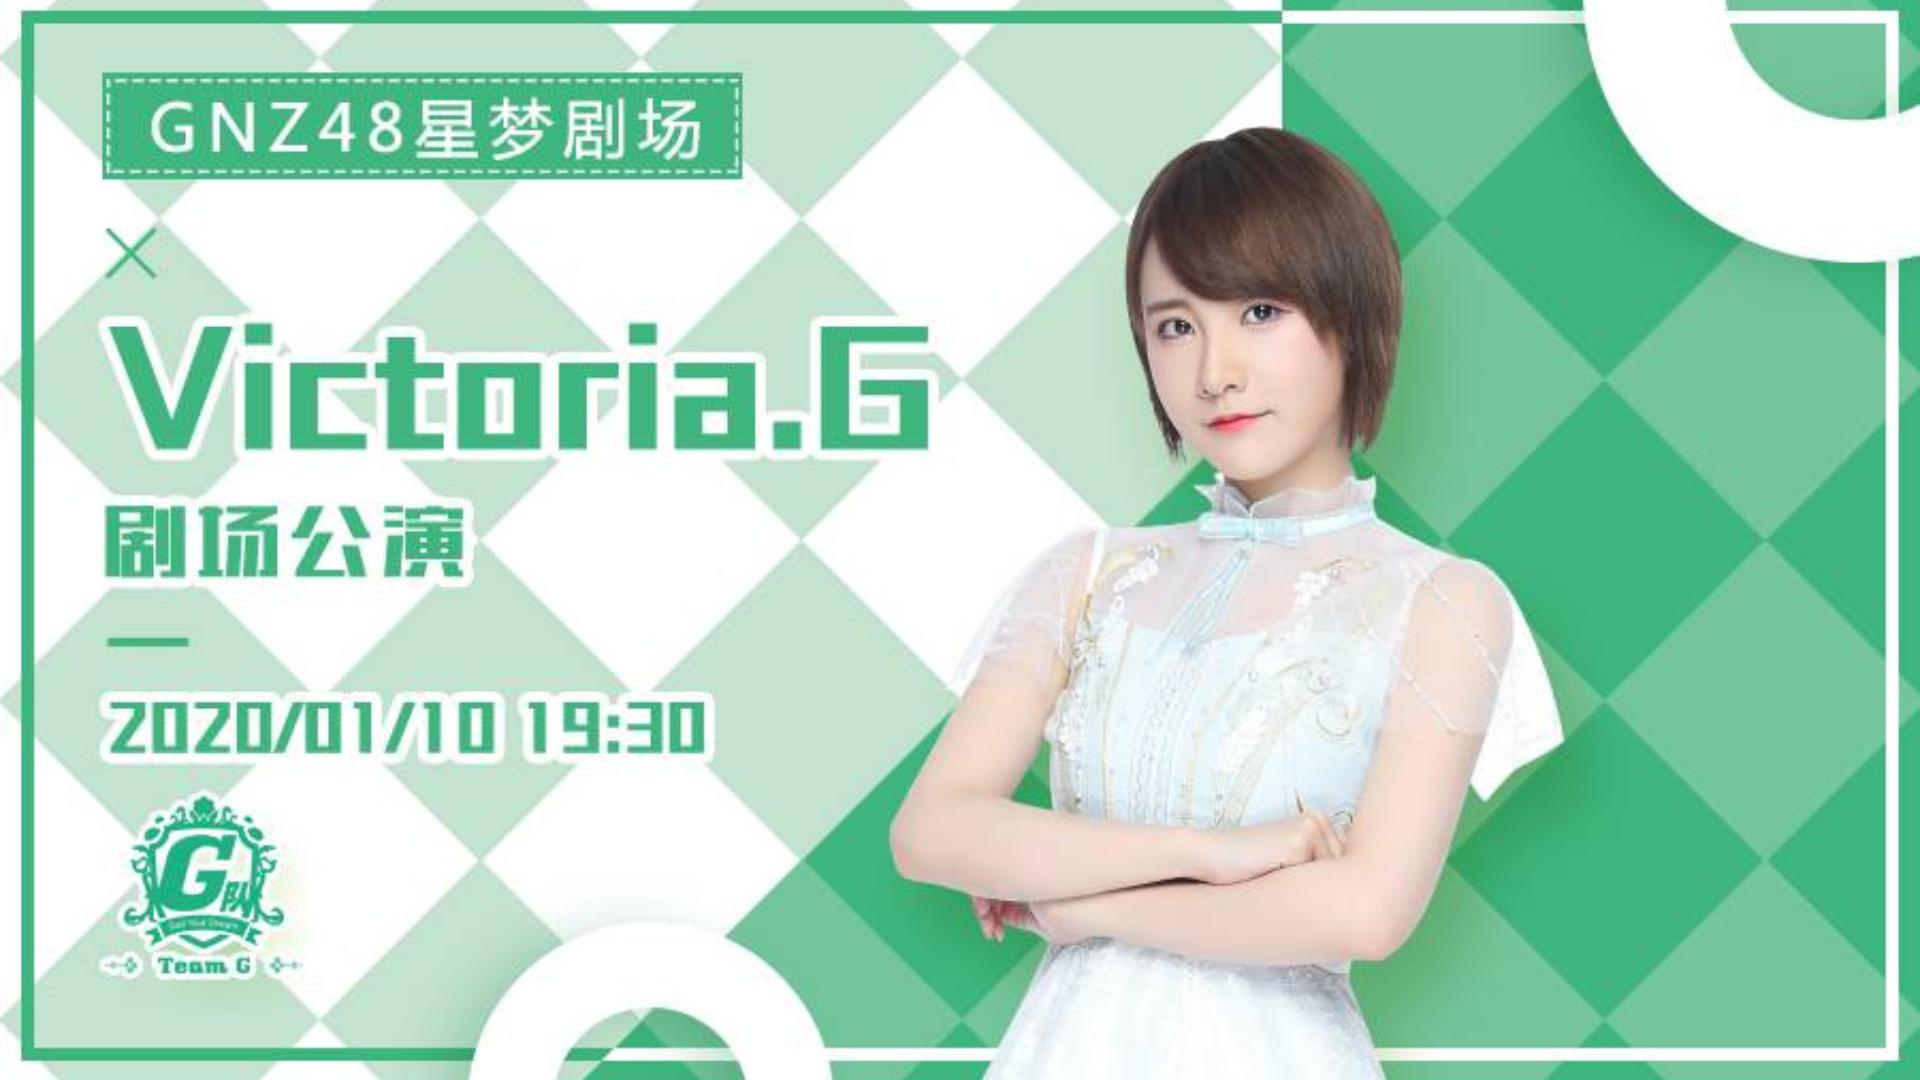 【GNZ48】Team G《Victoria.G》公演(斗鱼弹幕版)20200110